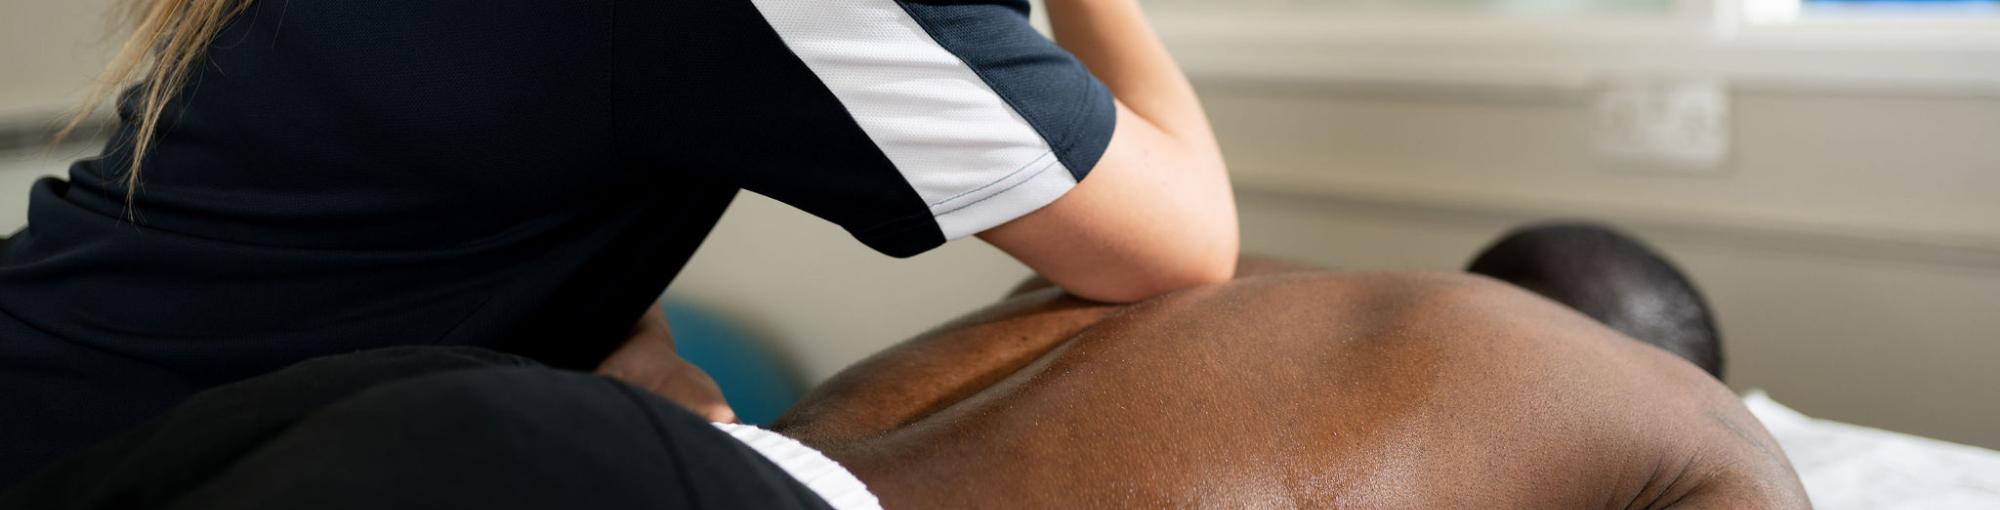 A staff member massaging a mans back